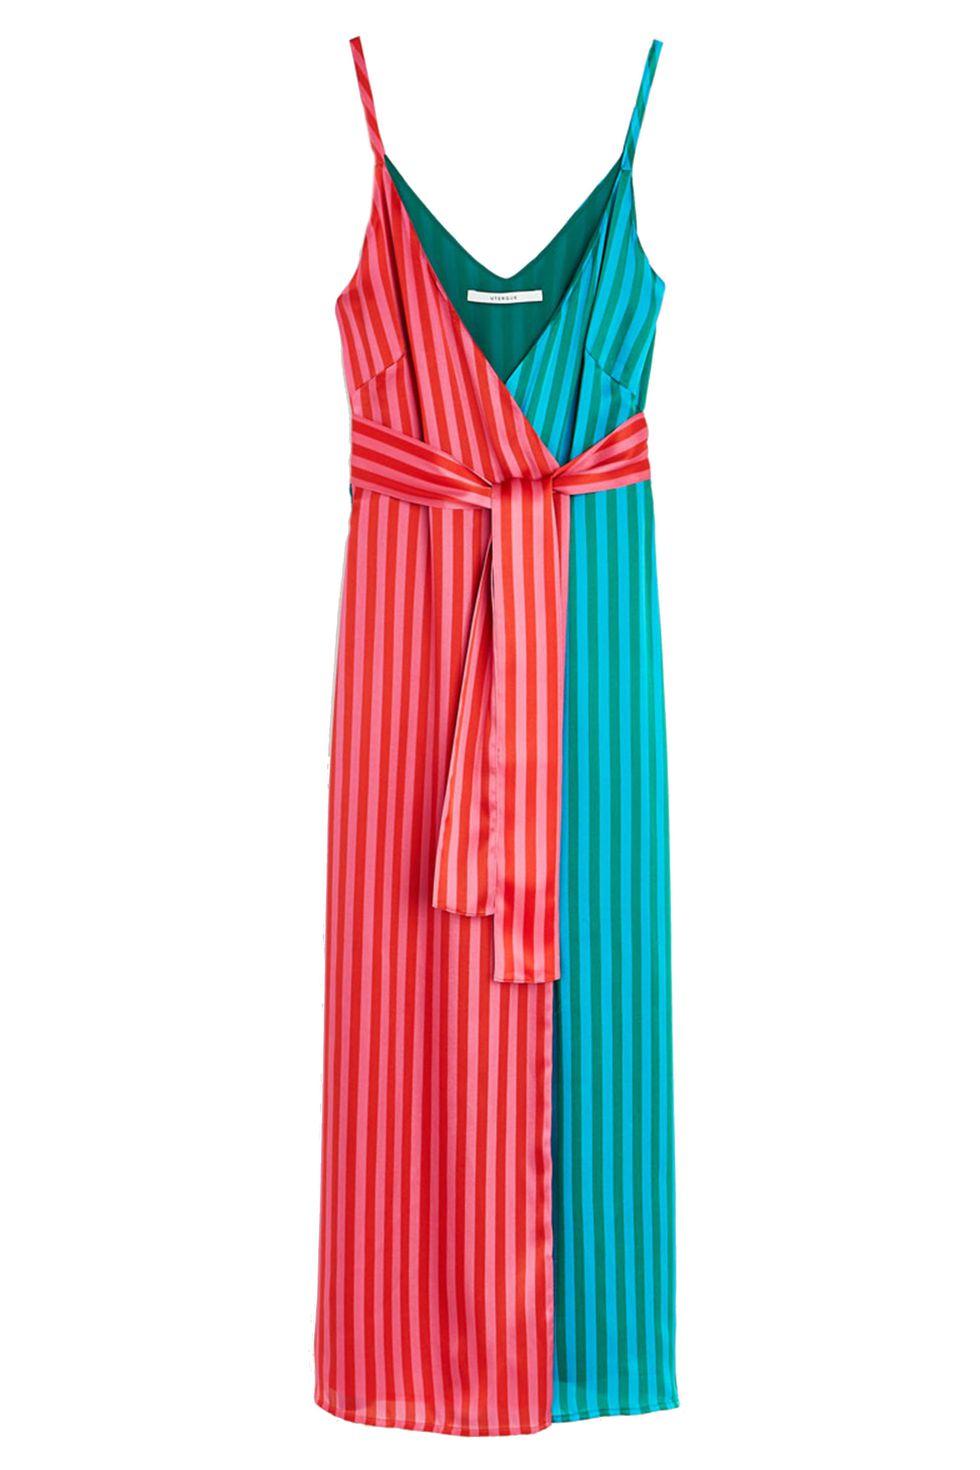 Платье, Uterque